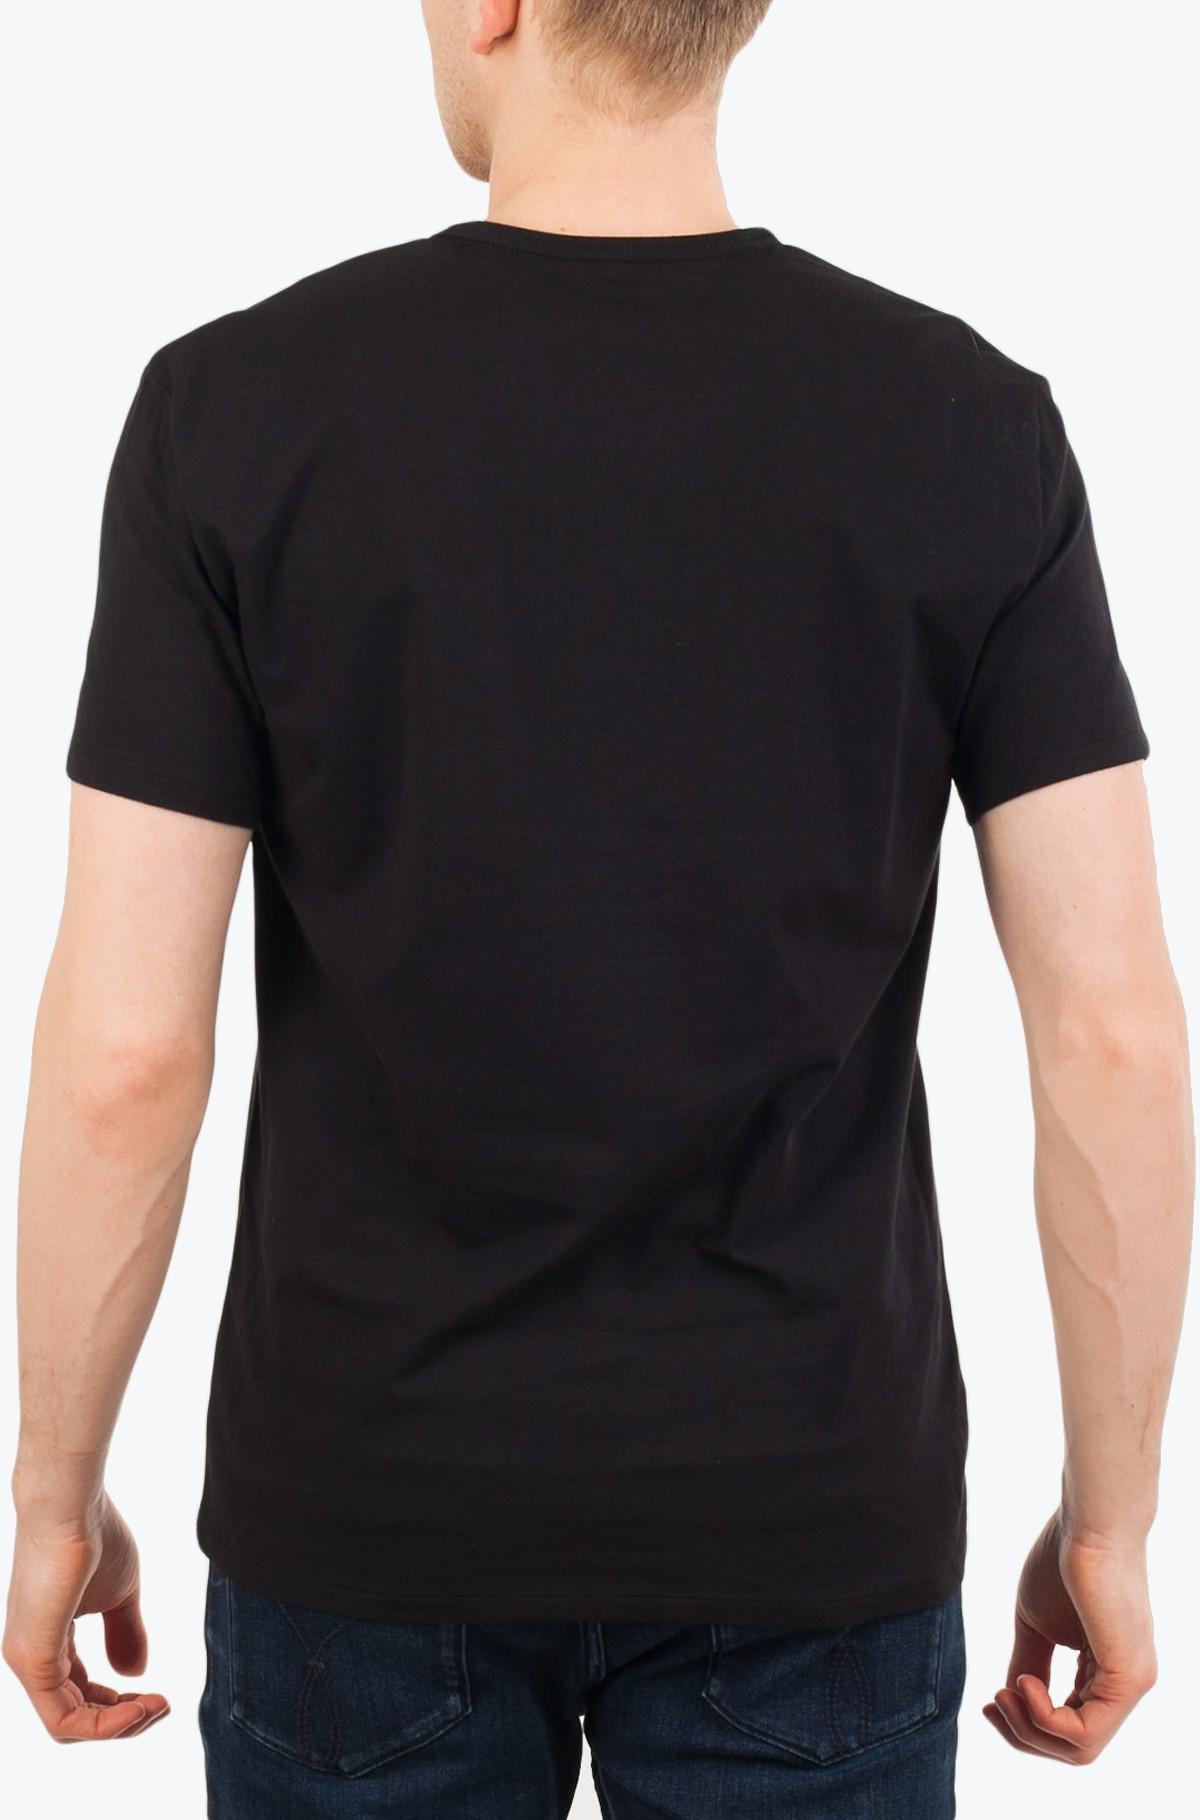 T-shirt S/S Crew Neck-full-2